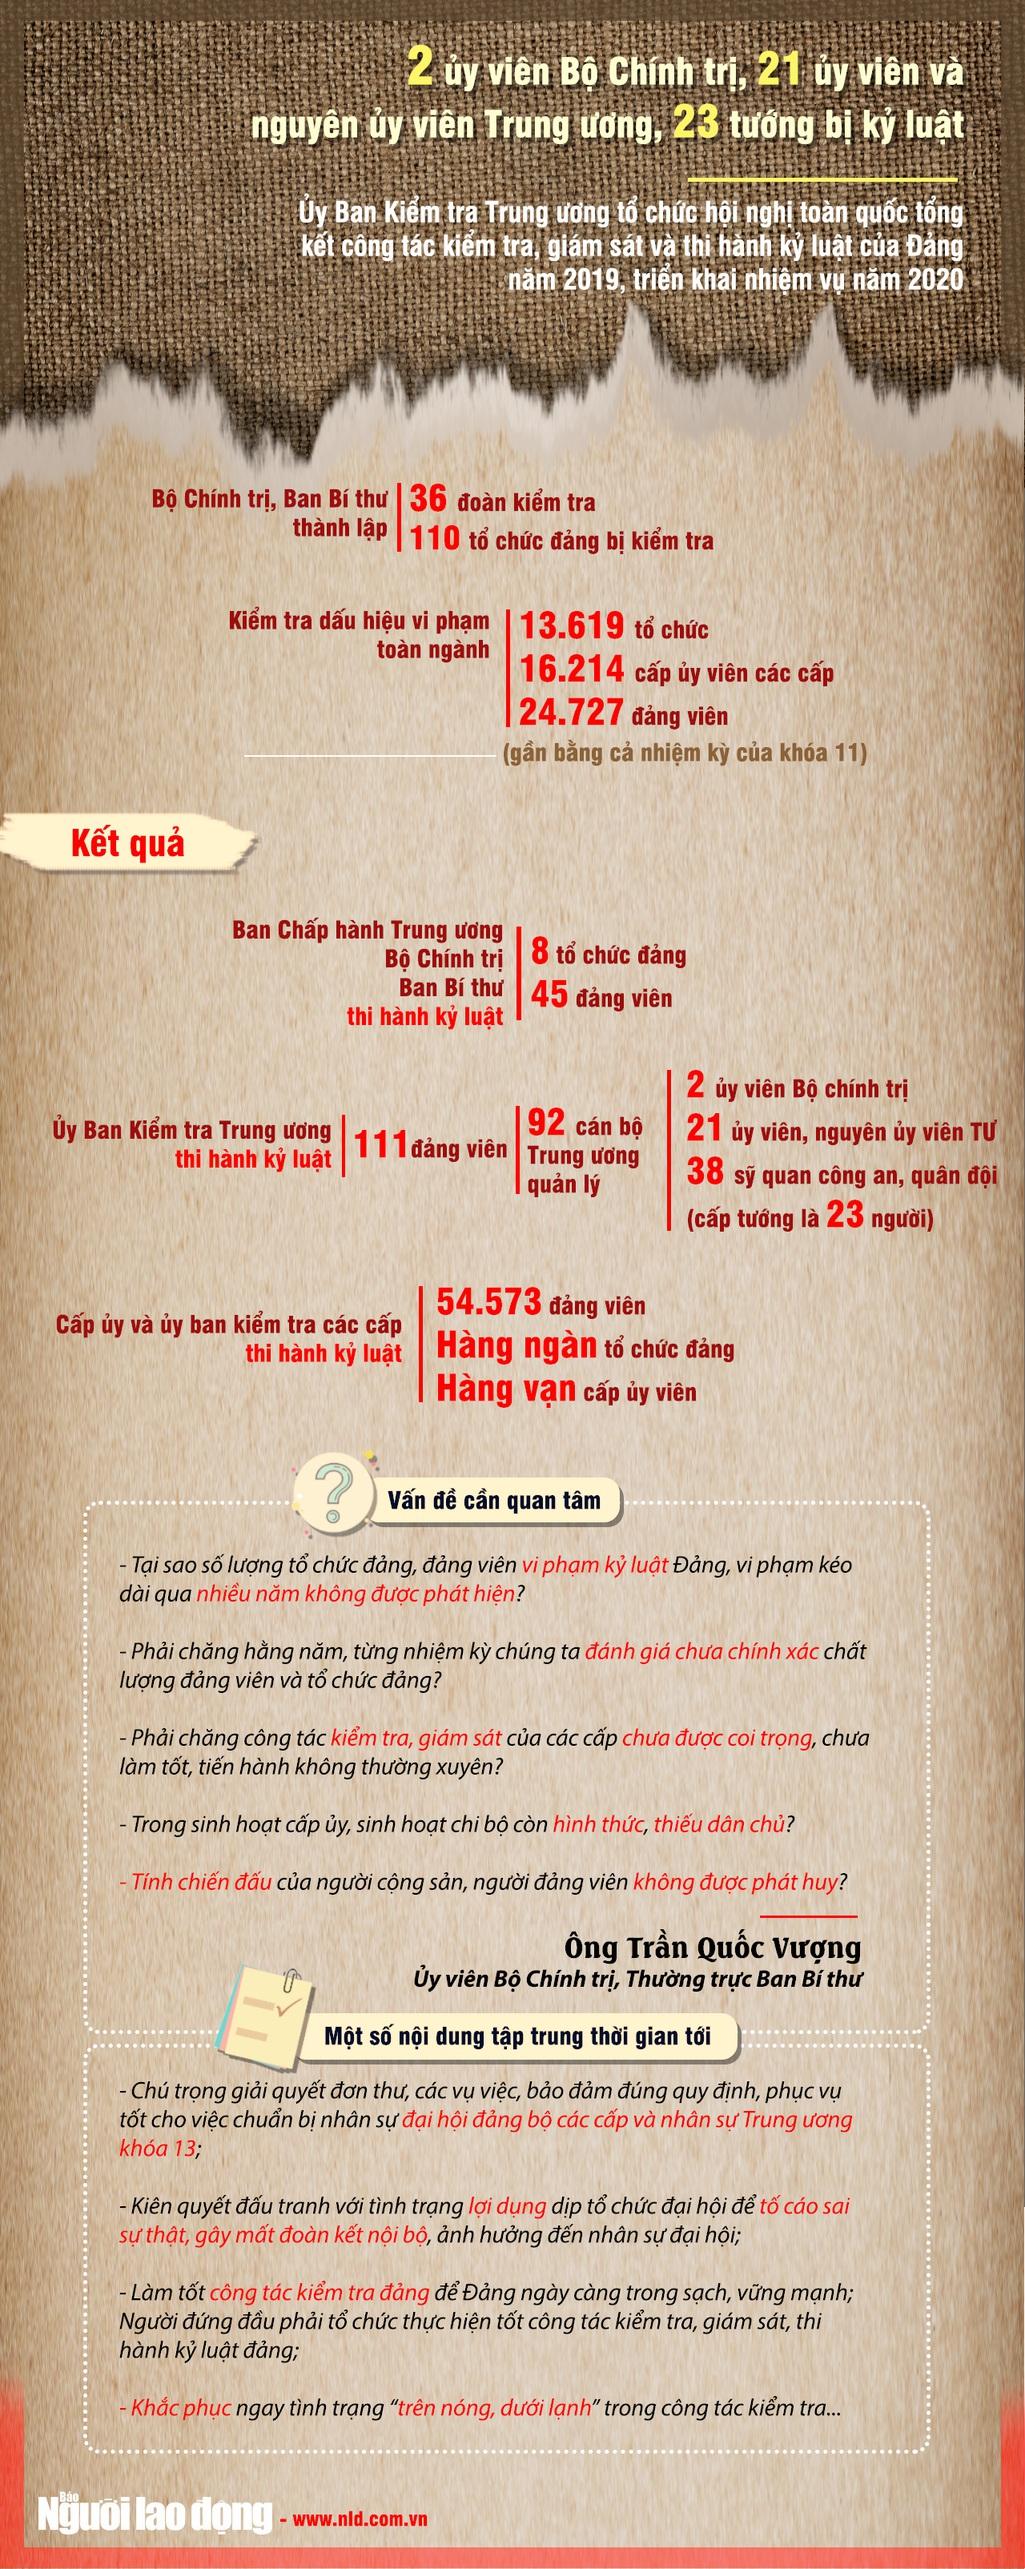 [Infographic] Kỷ luật 92 cán bộ thuộc diện Trung ương quản lý - Ảnh 1.